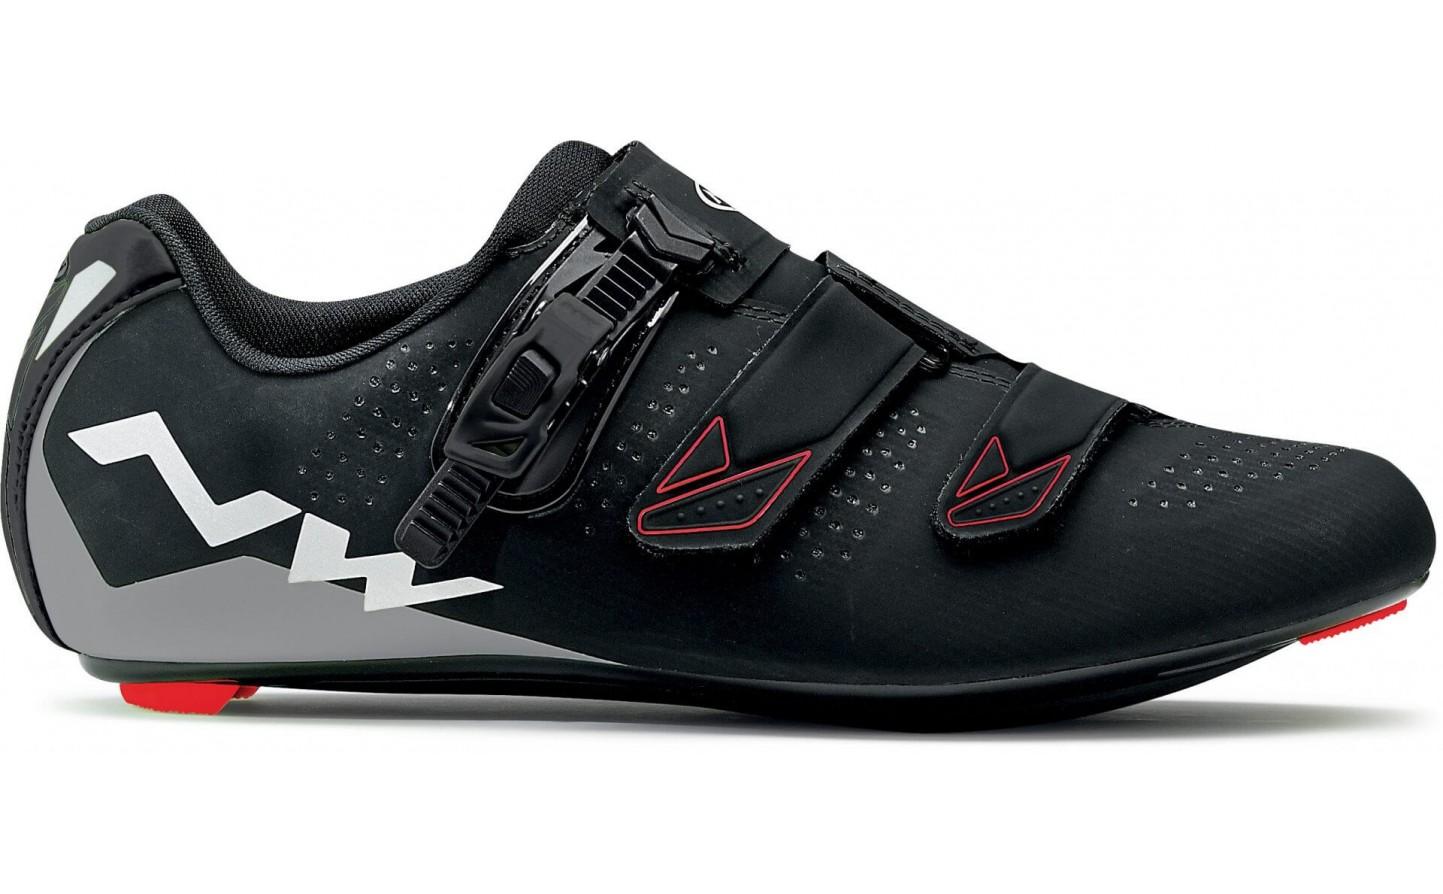 mejor diseño elegante imágenes detalladas Zapatillas Northwave Carretera PHANTOM 2 SRS Negro